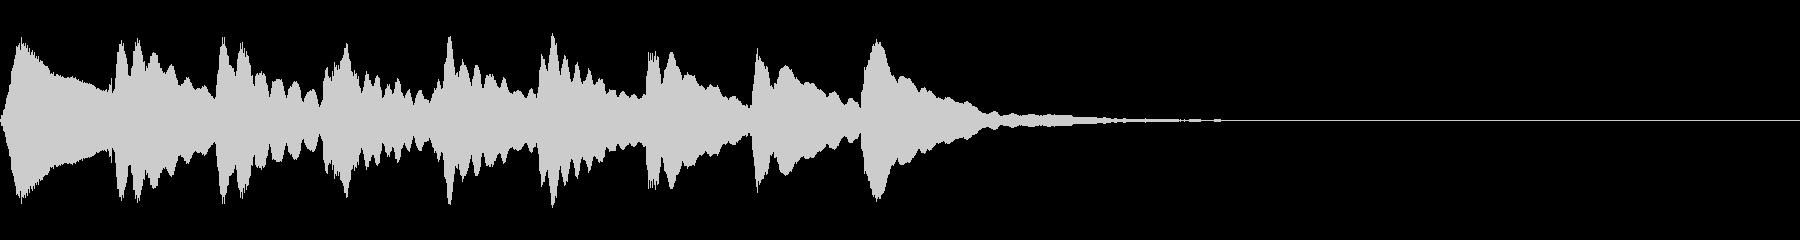 マリンバの上昇音の未再生の波形